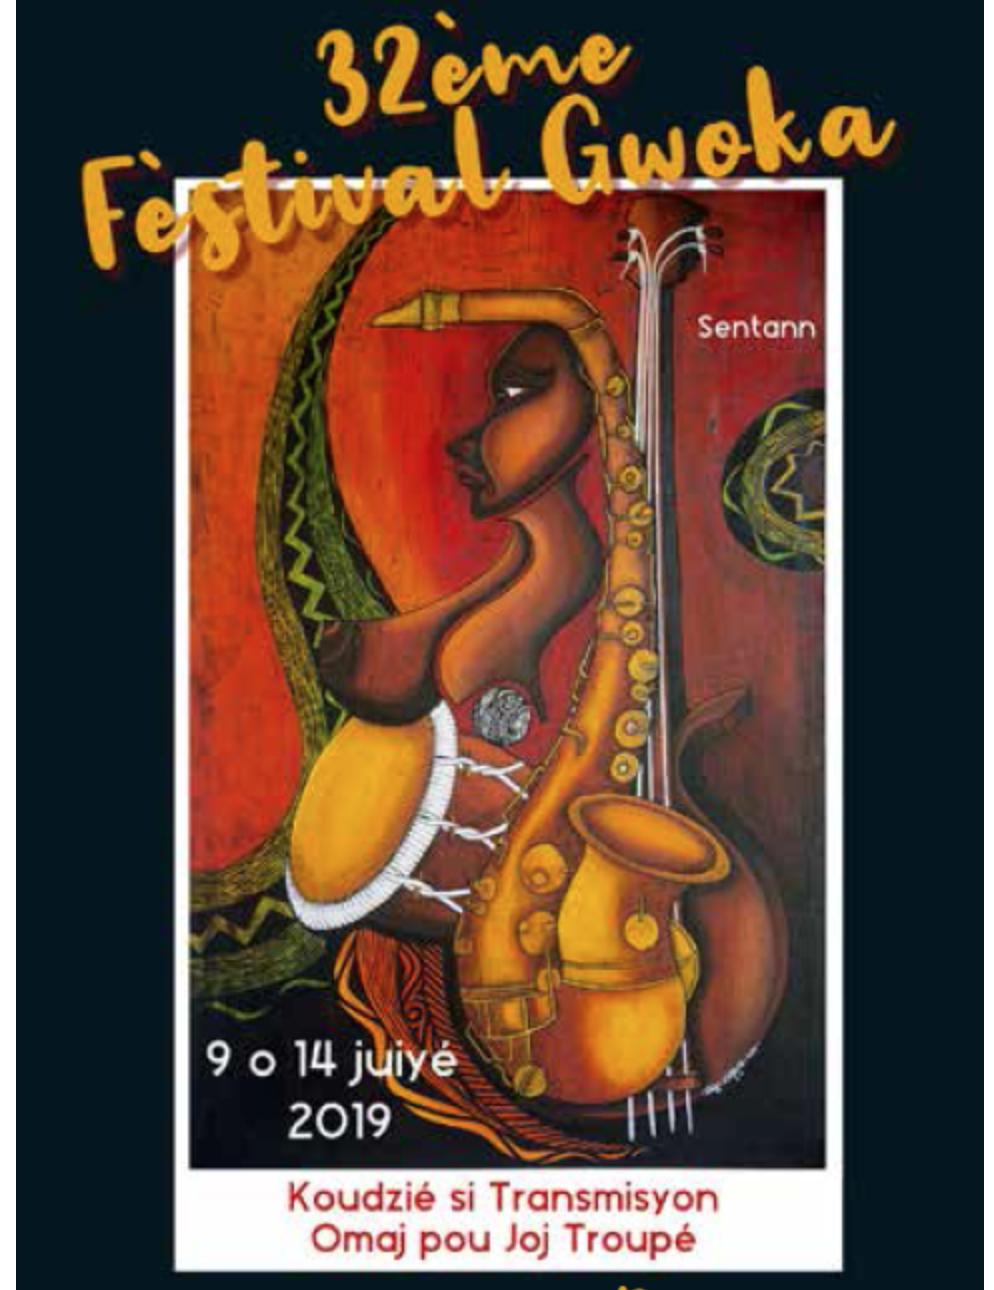 Festival du Gwoka 2019